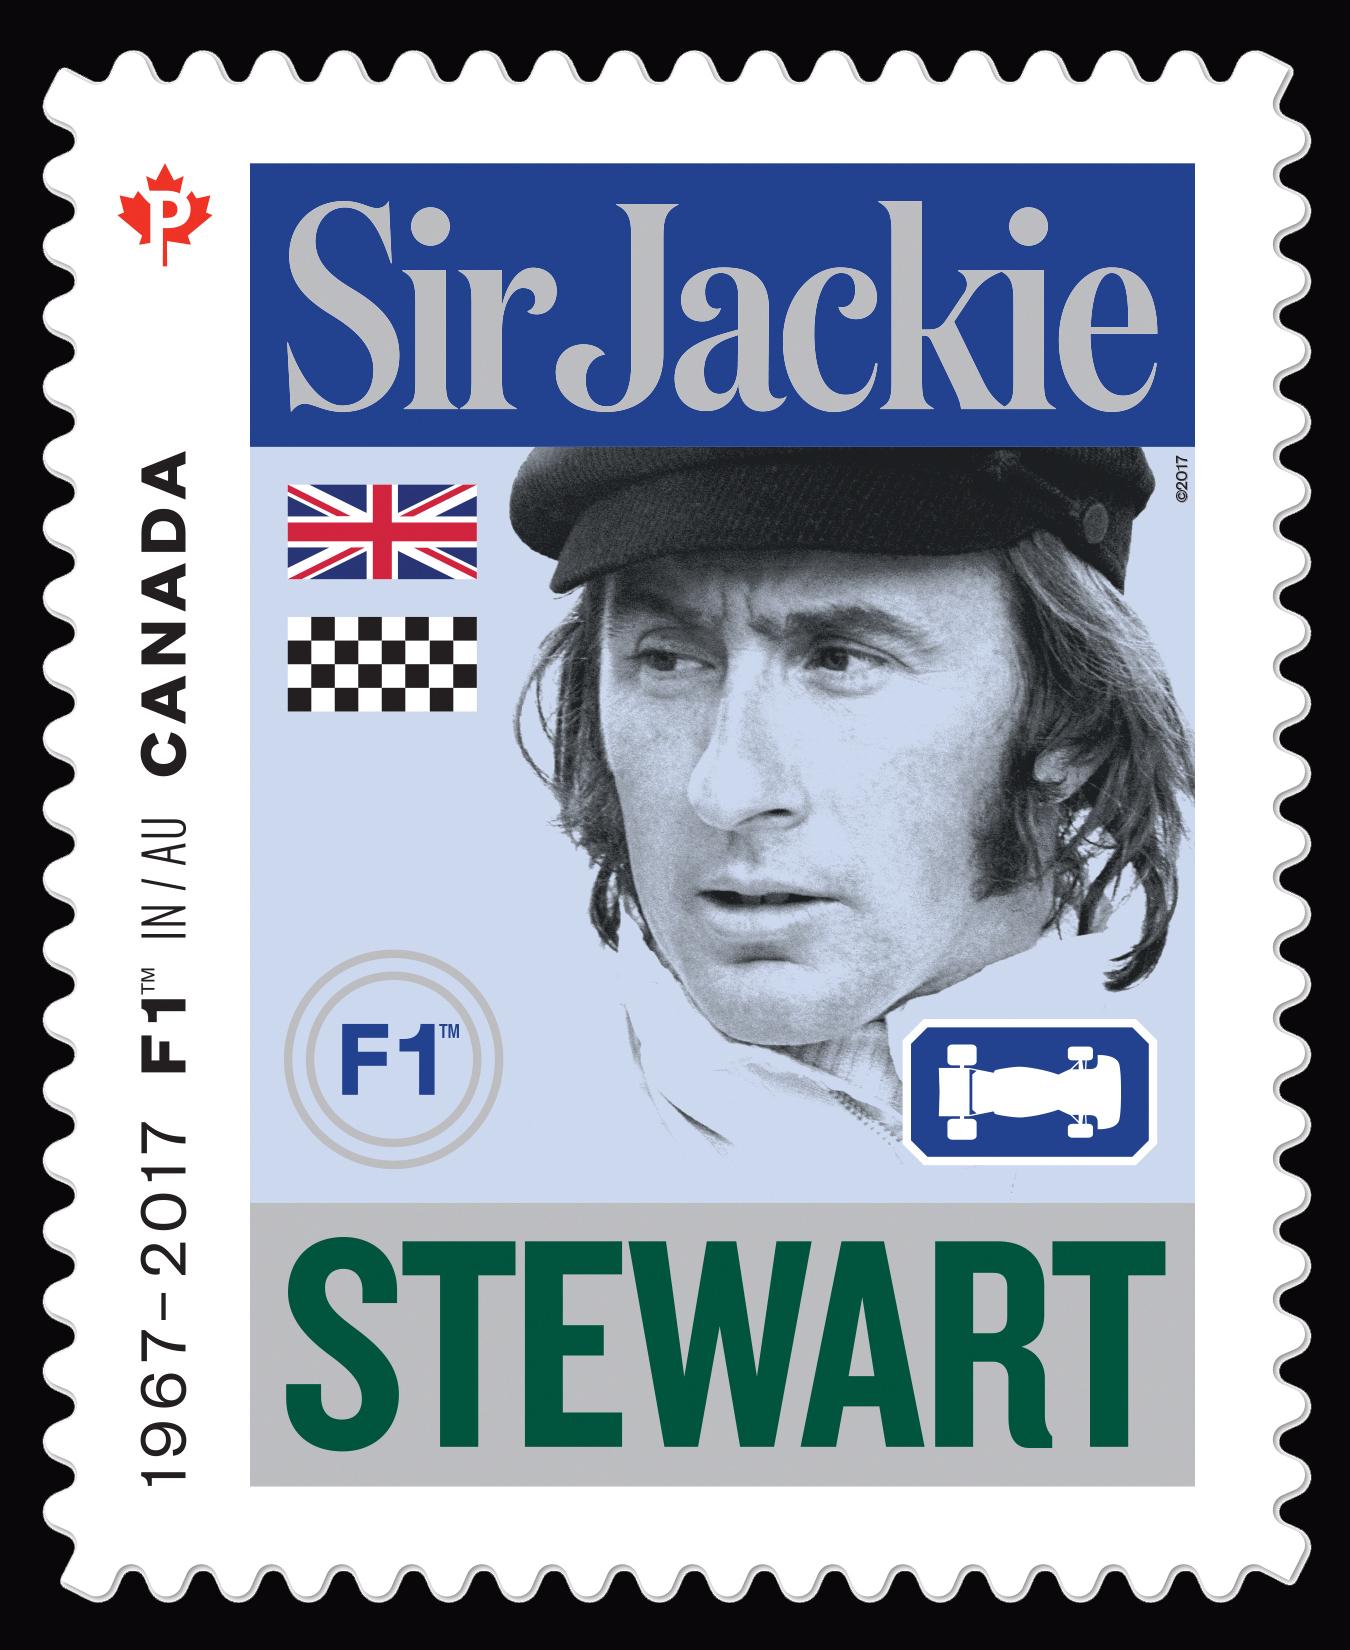 Sir Jackie Stewart - Formula 1 Canada Postage Stamp